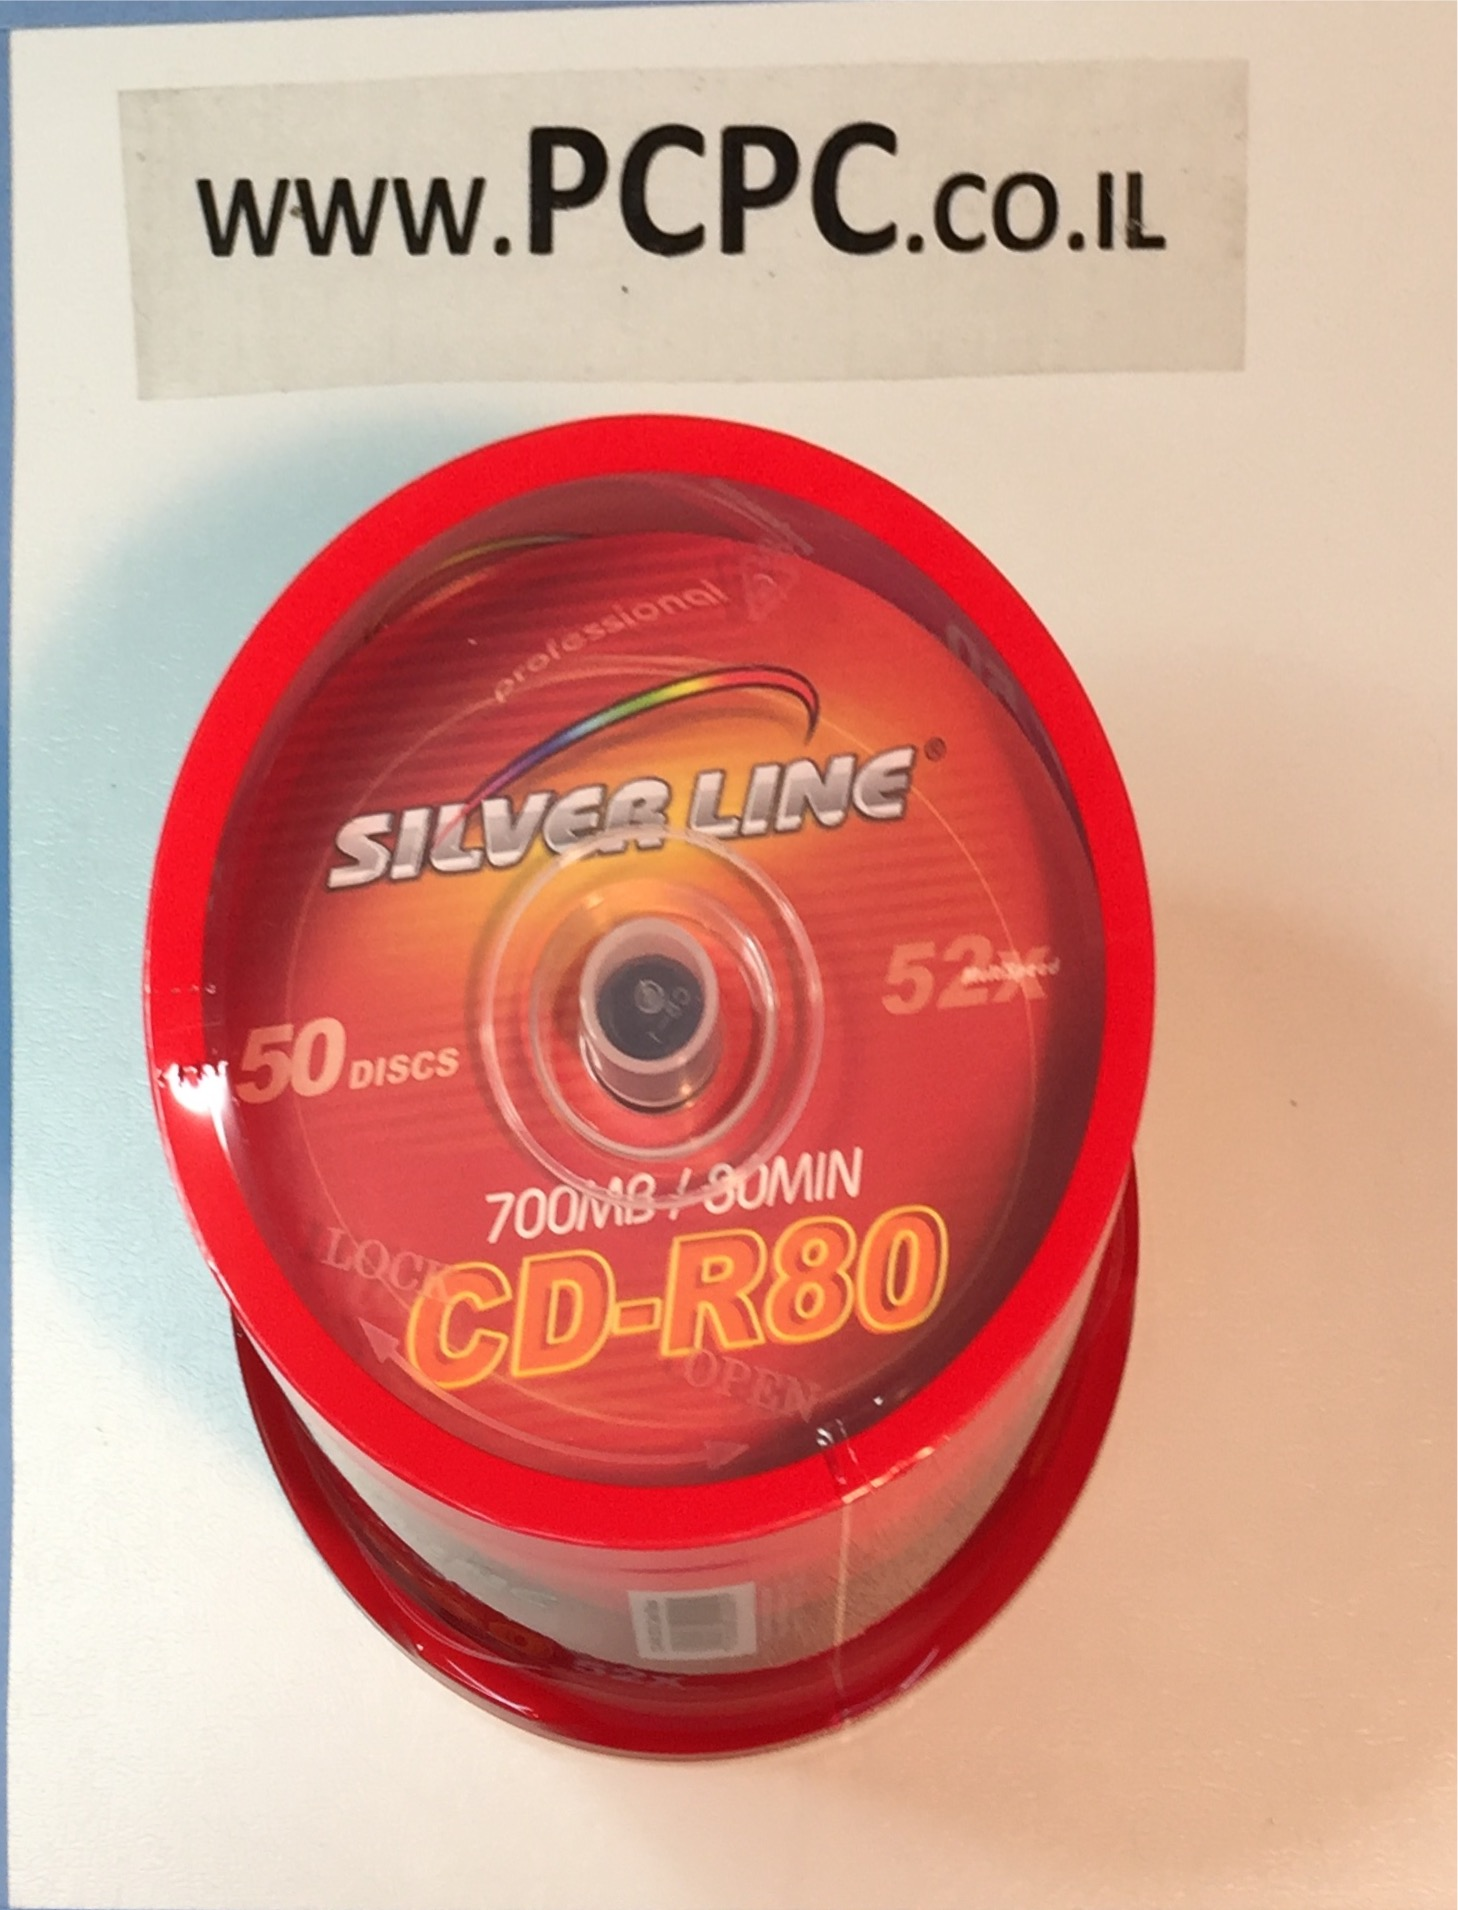 דיסקים 700 מגה  50 יחידות  SILVIER LINE CAKE